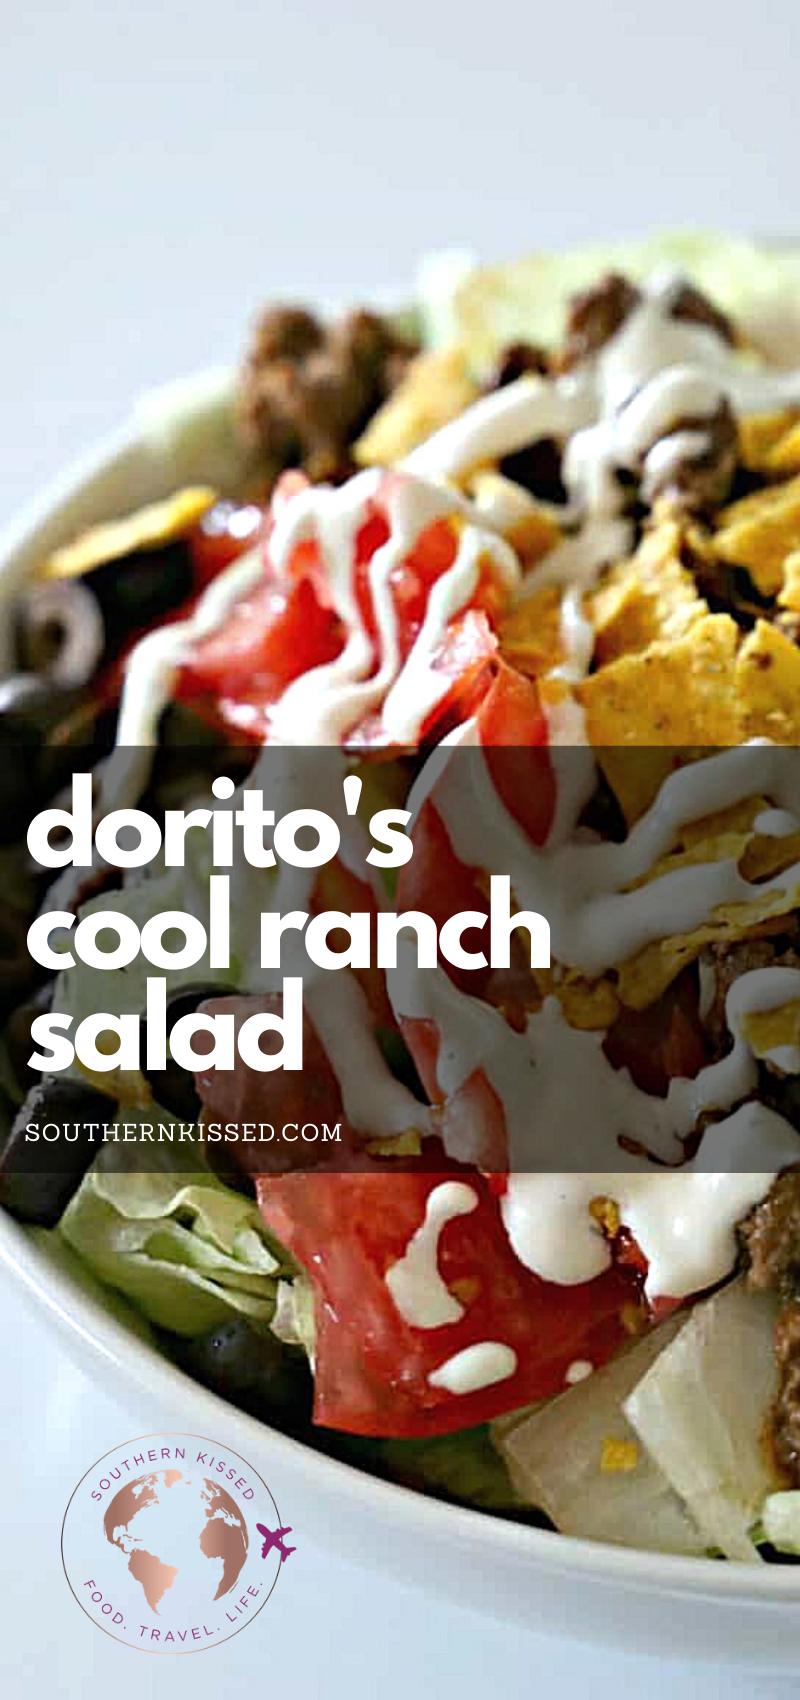 Dorito's Cool Ranch Salad at Home